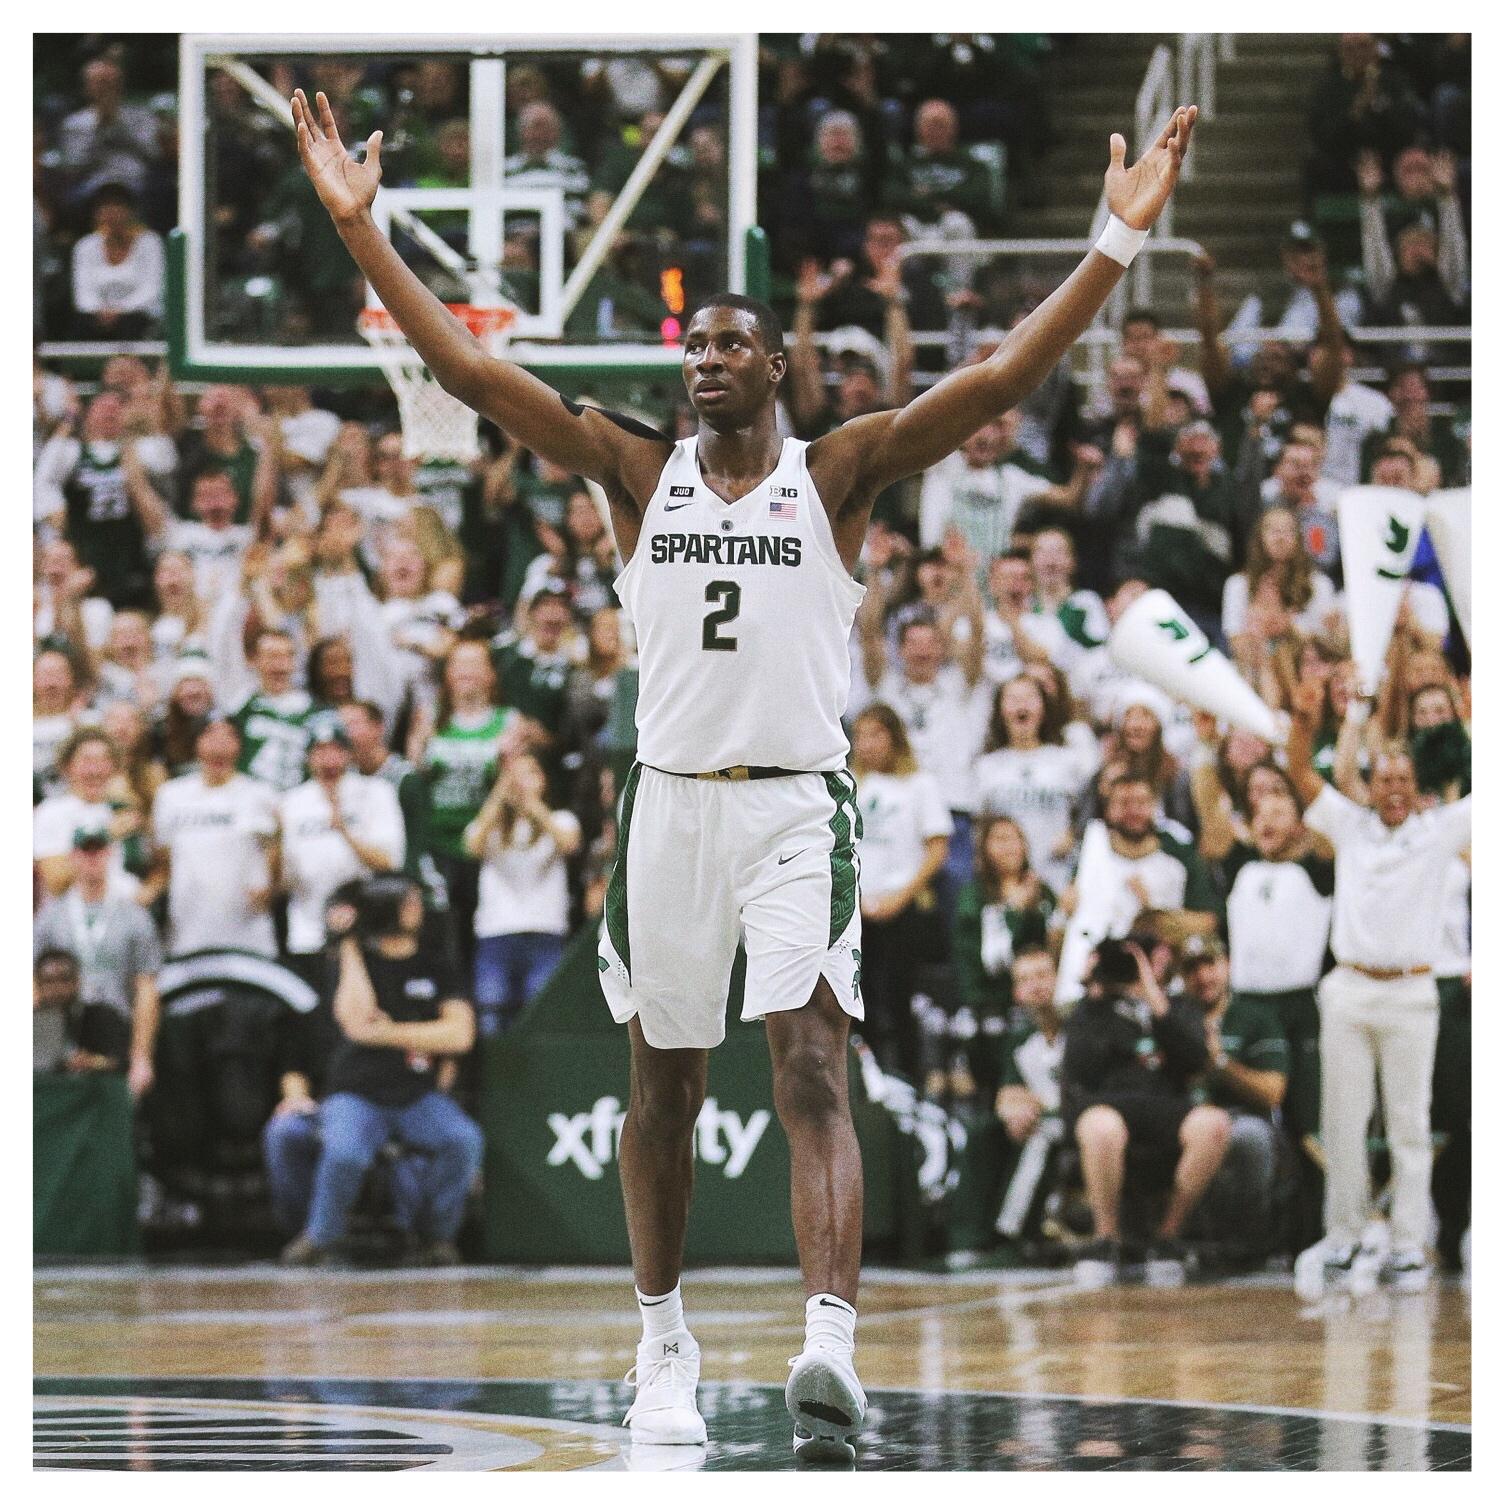 JAREN JACKSON JR. - PF•6'10, 225•Michigan State•Freshman